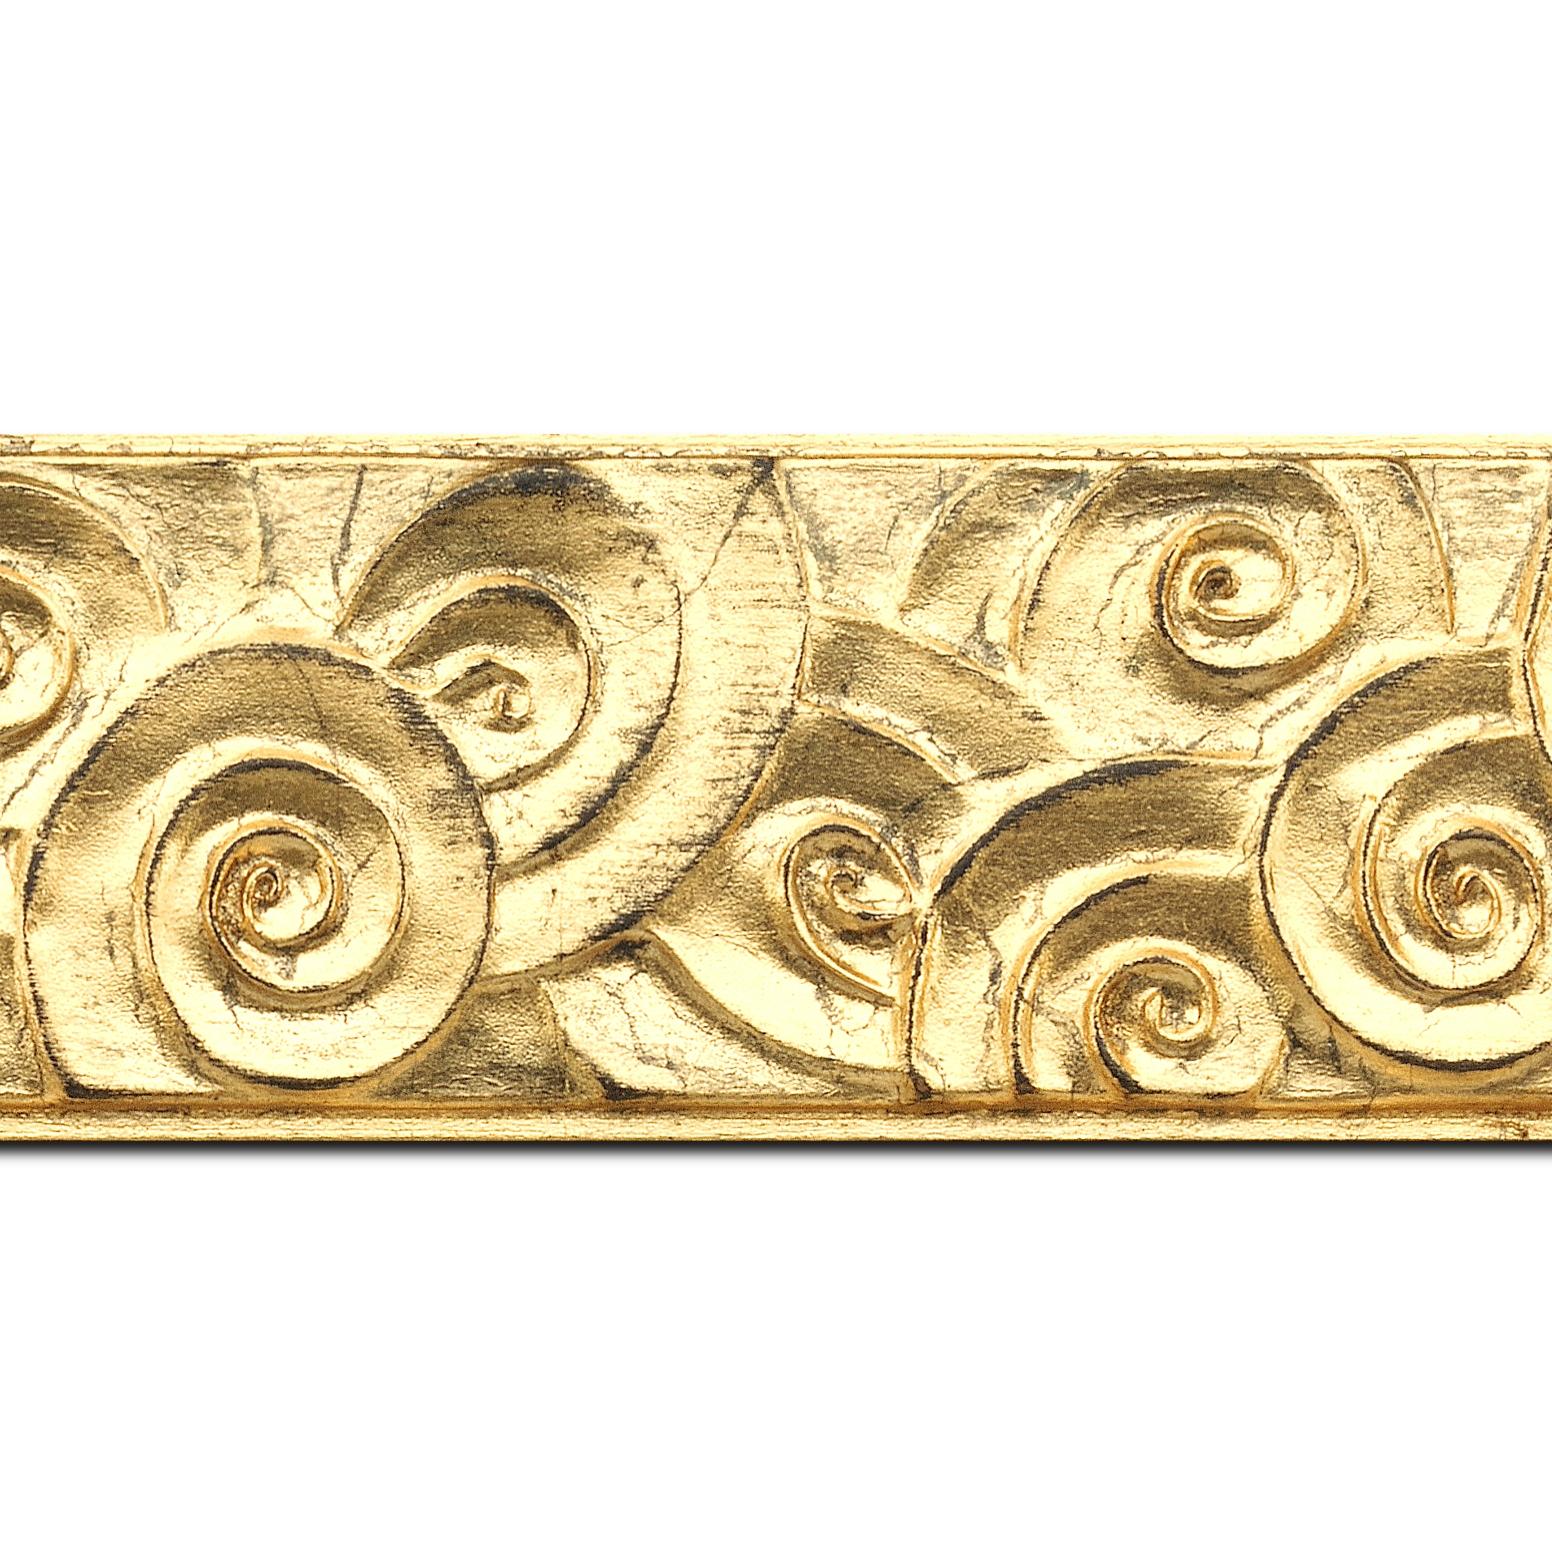 Baguette longueur 1.40m bois profil plat largeur 7cm or à la feuille  effet tourbillon